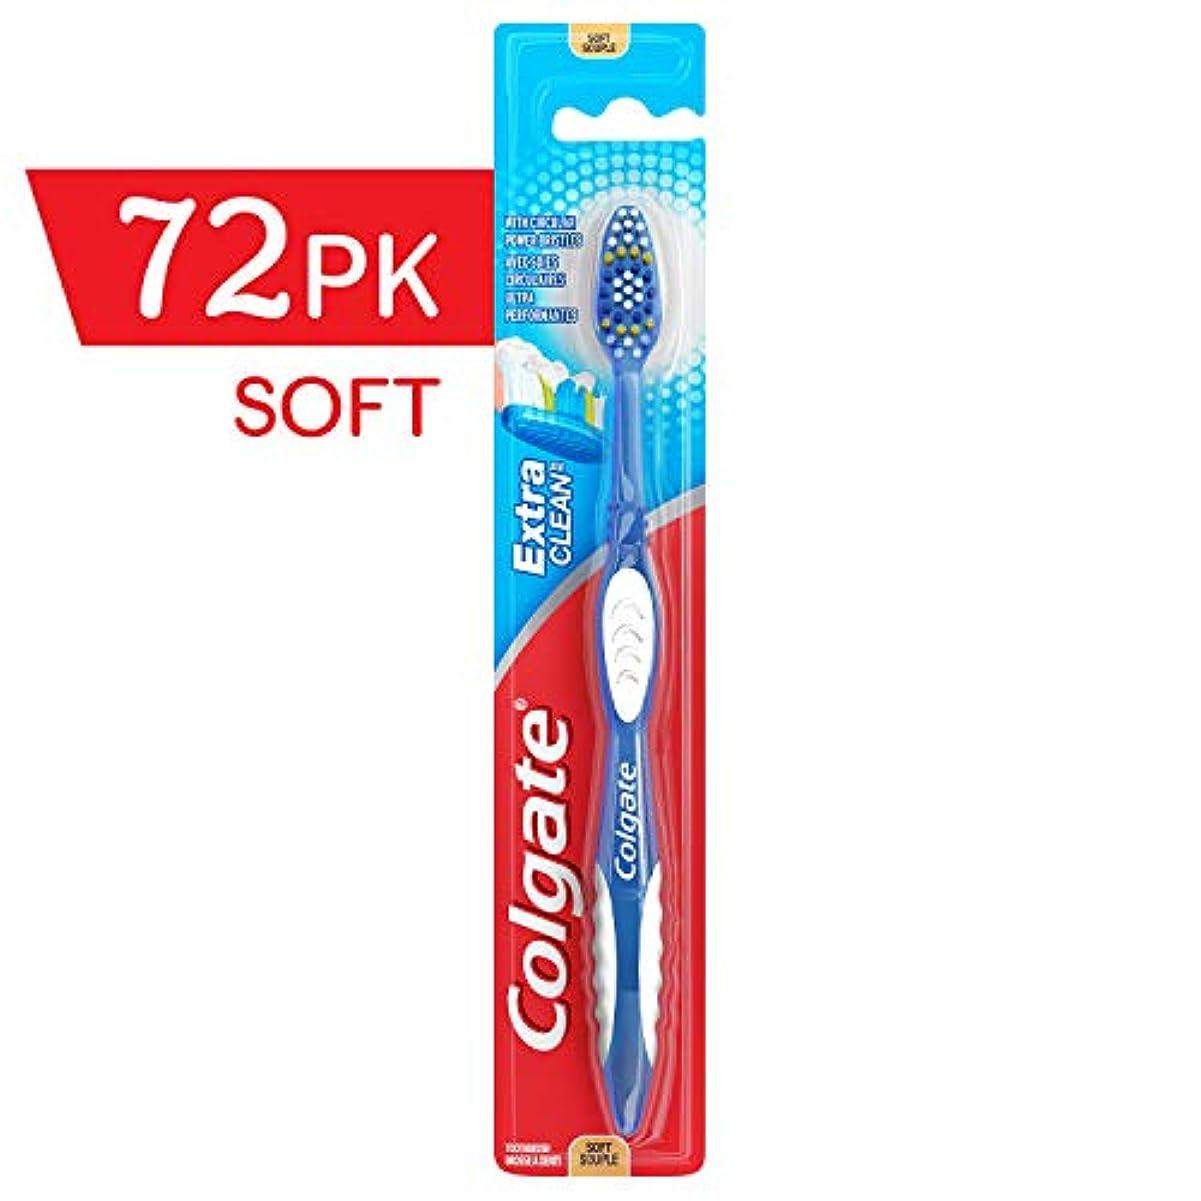 うなずくバラエティ不十分なColgate エクストラクリーン歯ブラシソフト、柔らかい歯ブラシ、バルク歯ブラシ、旅行歯ブラシ、(72の場合)(モデル番号:155676)